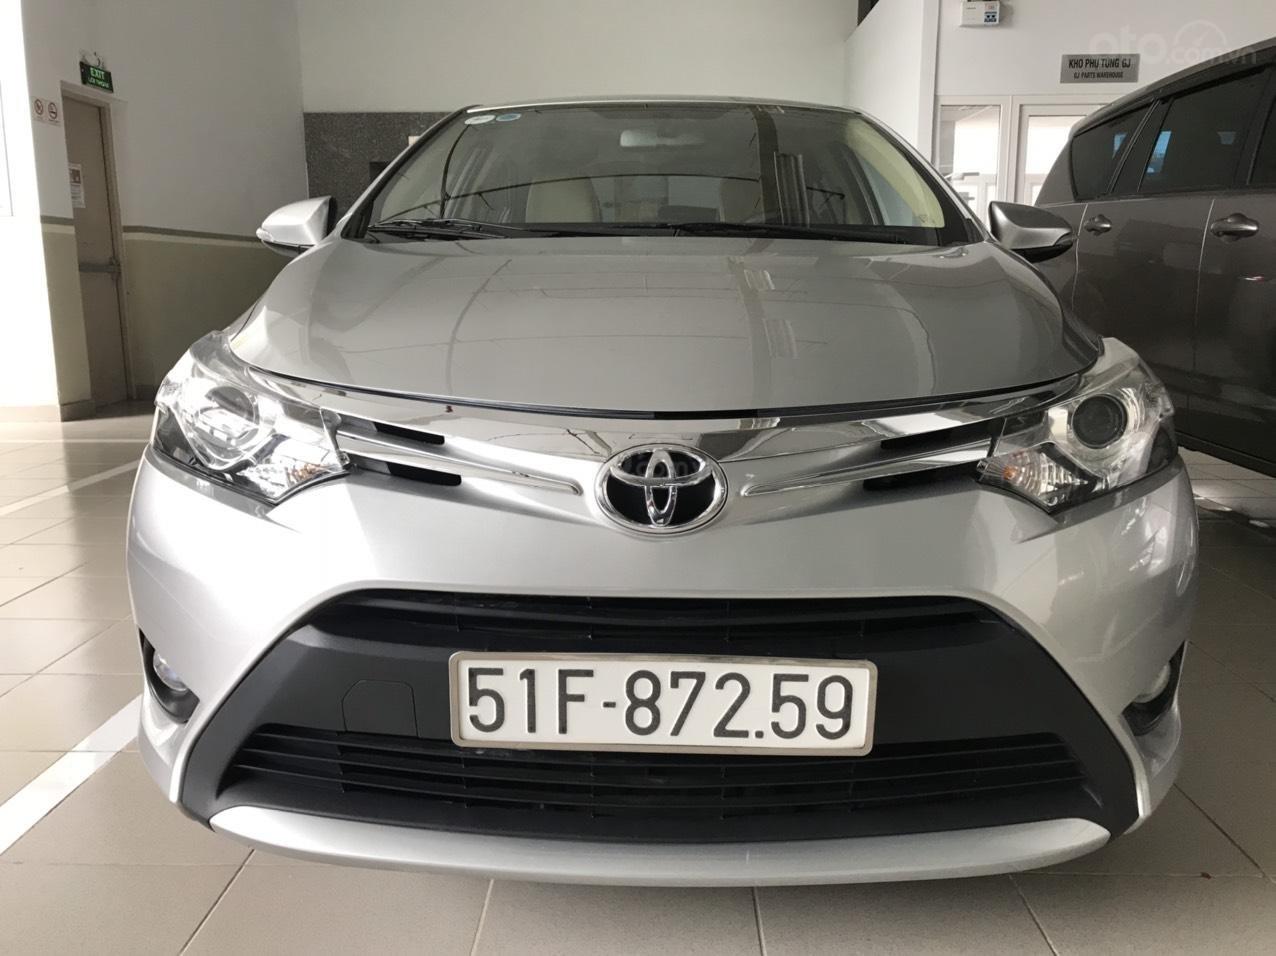 [Chính chủ] Bán Toyota Vios năm 2017, giá cực ưu đãi chỉ 450 triệu (2)